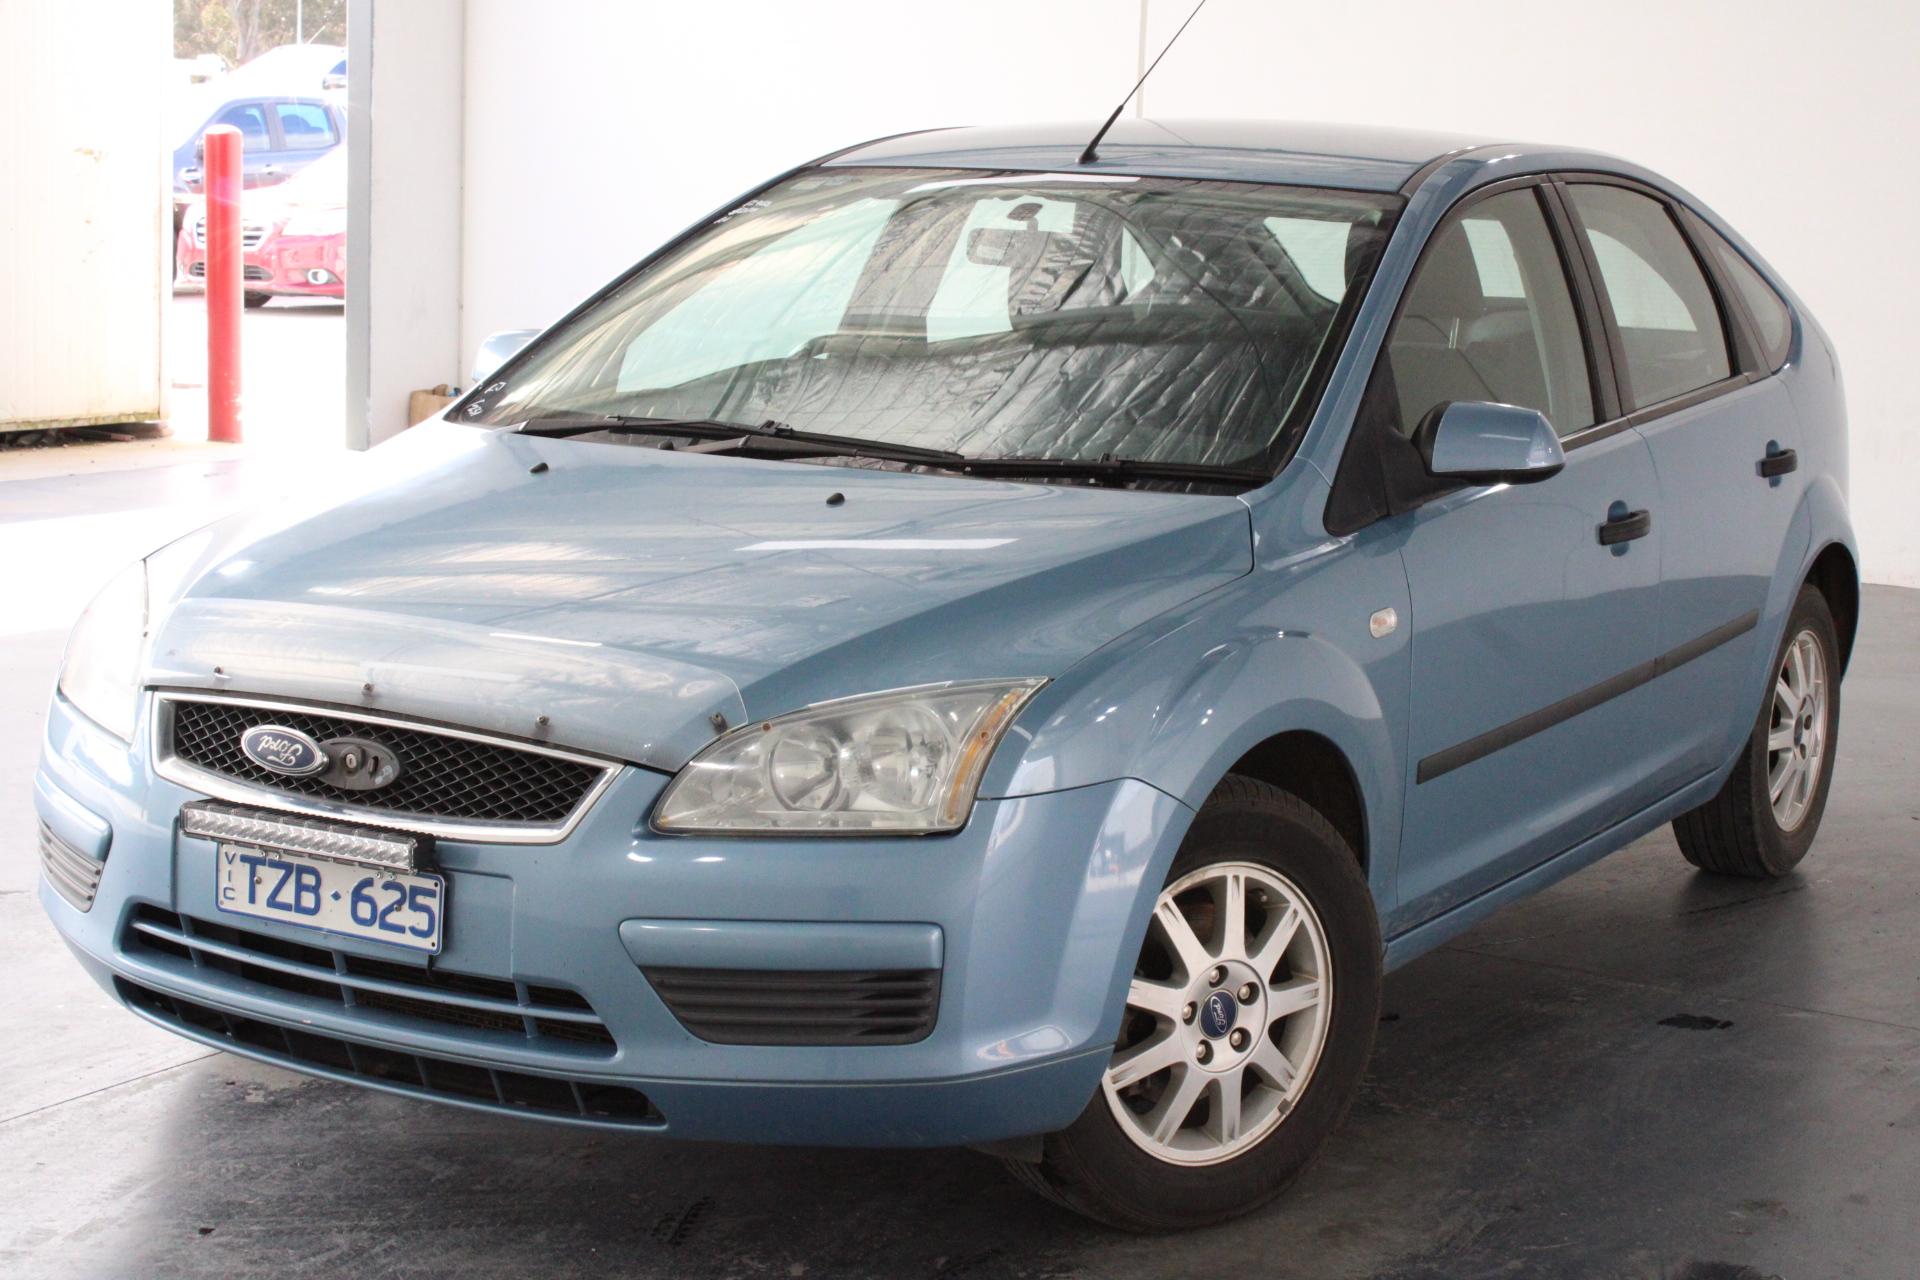 2006 Ford Focus CL LS Manual Hatchback